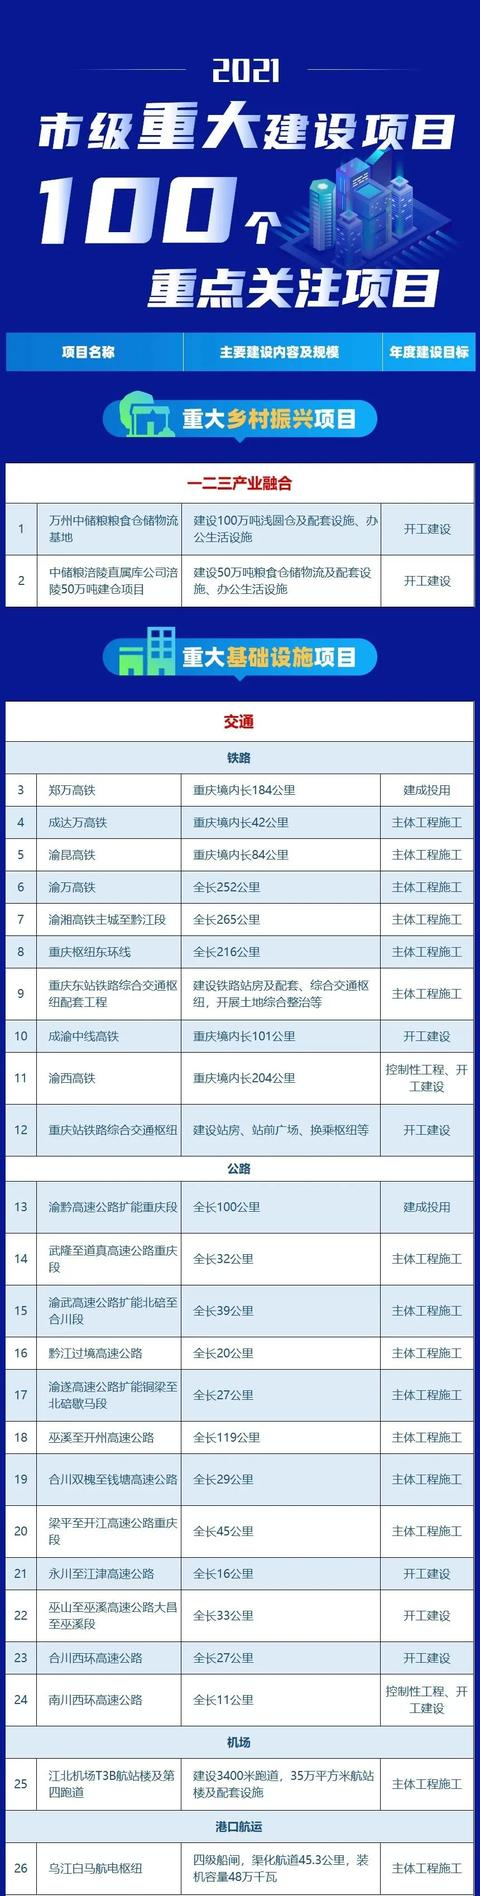 重庆投资,总投资约4349亿元,重庆这100个项目值得关注